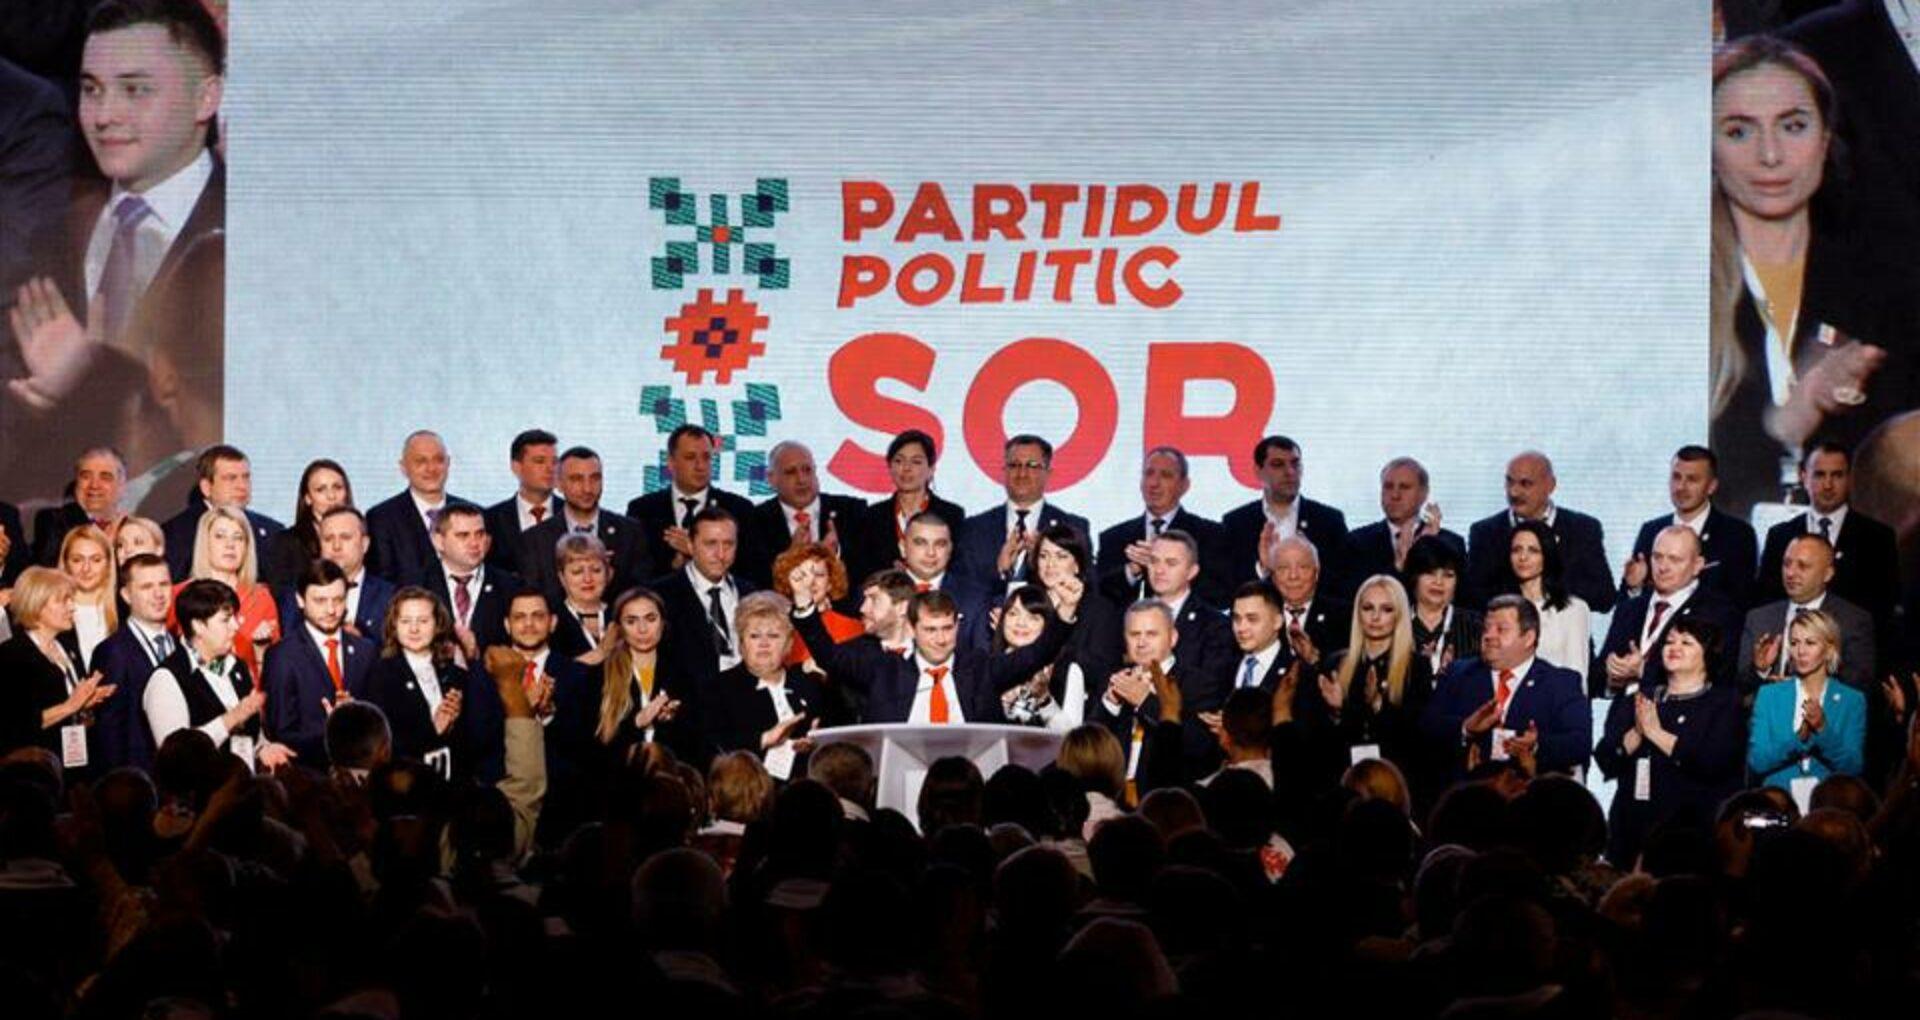 """VIDEO/ Partidul """"ȘOR"""" a depus listele la CEC pentru înregistrarea în cursa alegerilor parlamentare din 11 iulie"""